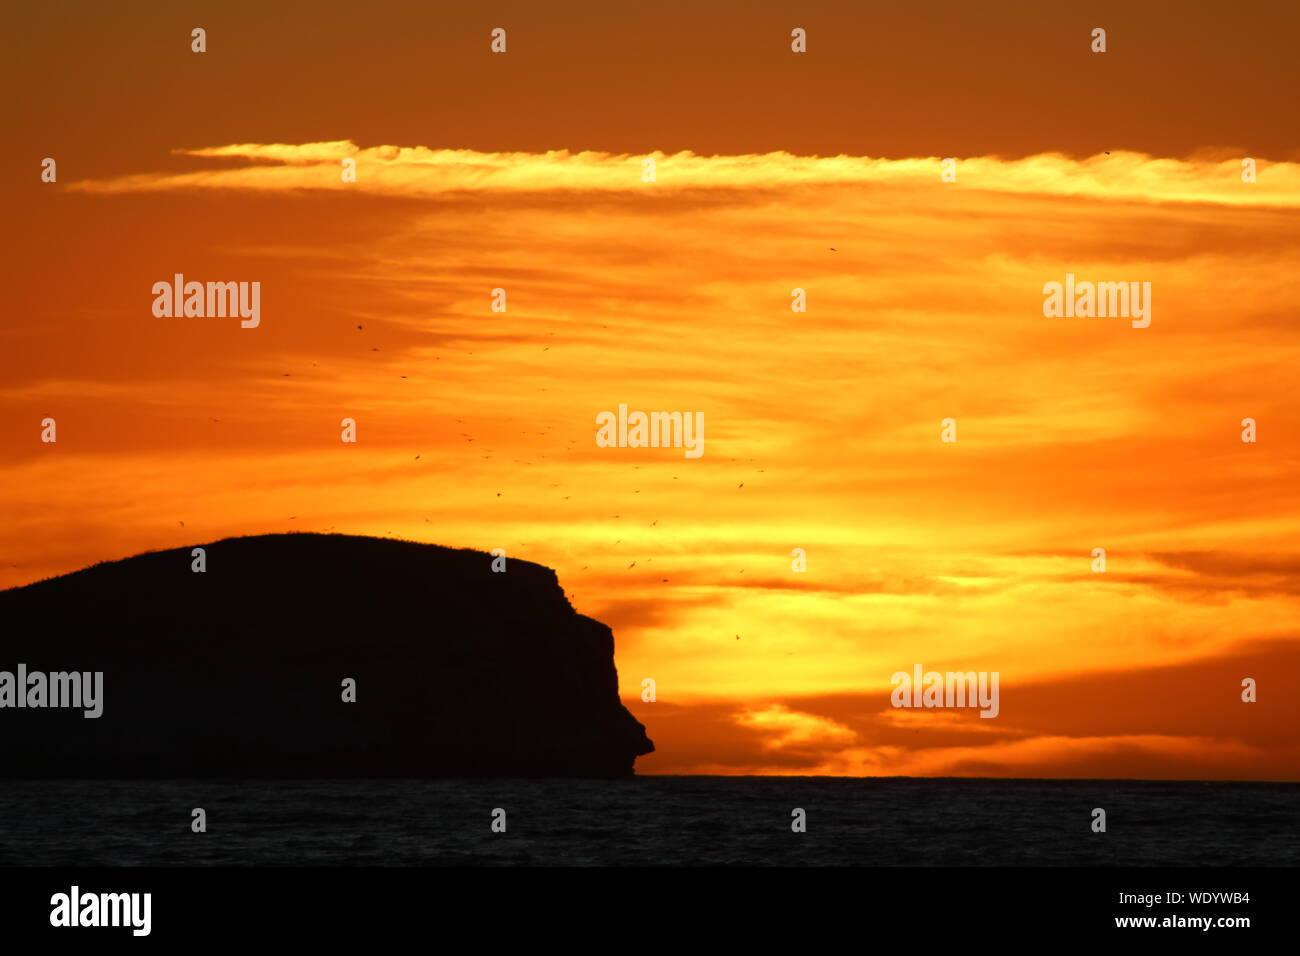 Malerische Aussicht auf Meer gegen Himmel bei Sonnenuntergang Stockfoto